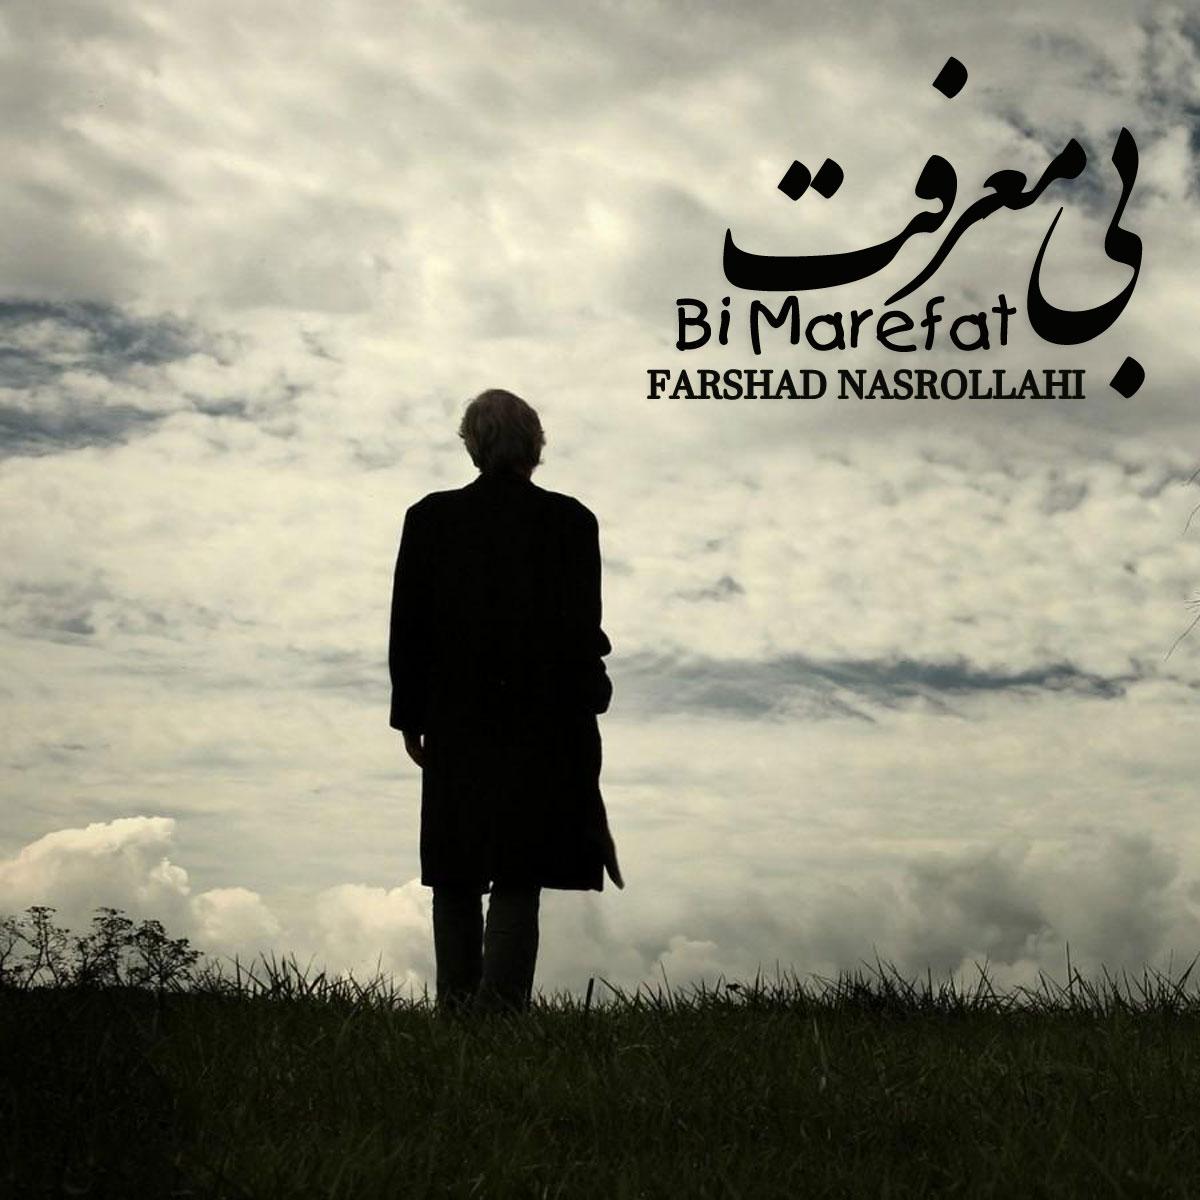 Farshad Nasrollahi – Bi Marefat